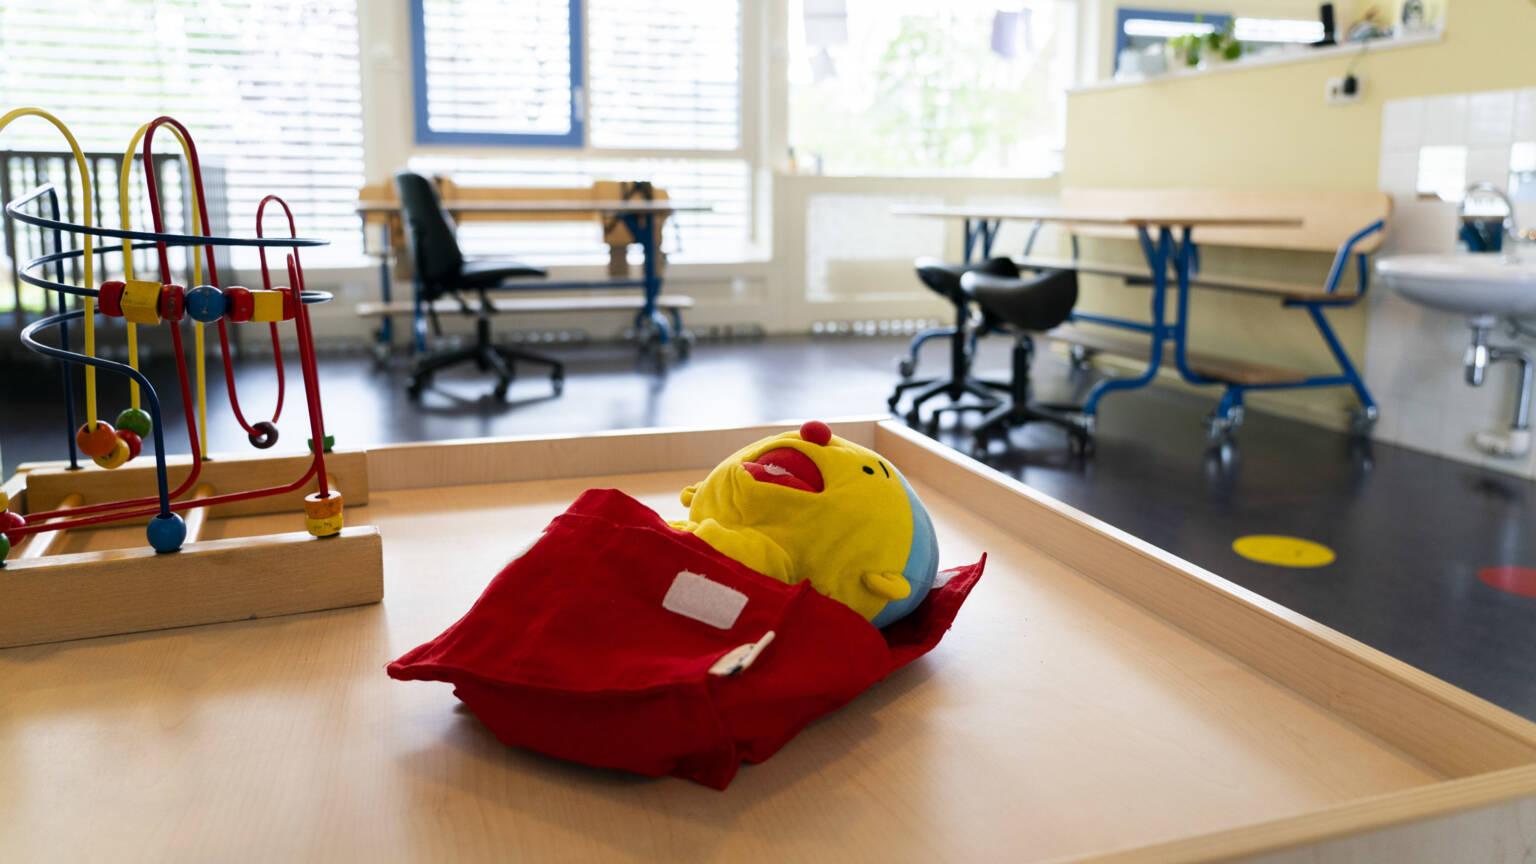 荷兰卫生部门:6岁以下儿童感冒可继续上学,无须待在家中